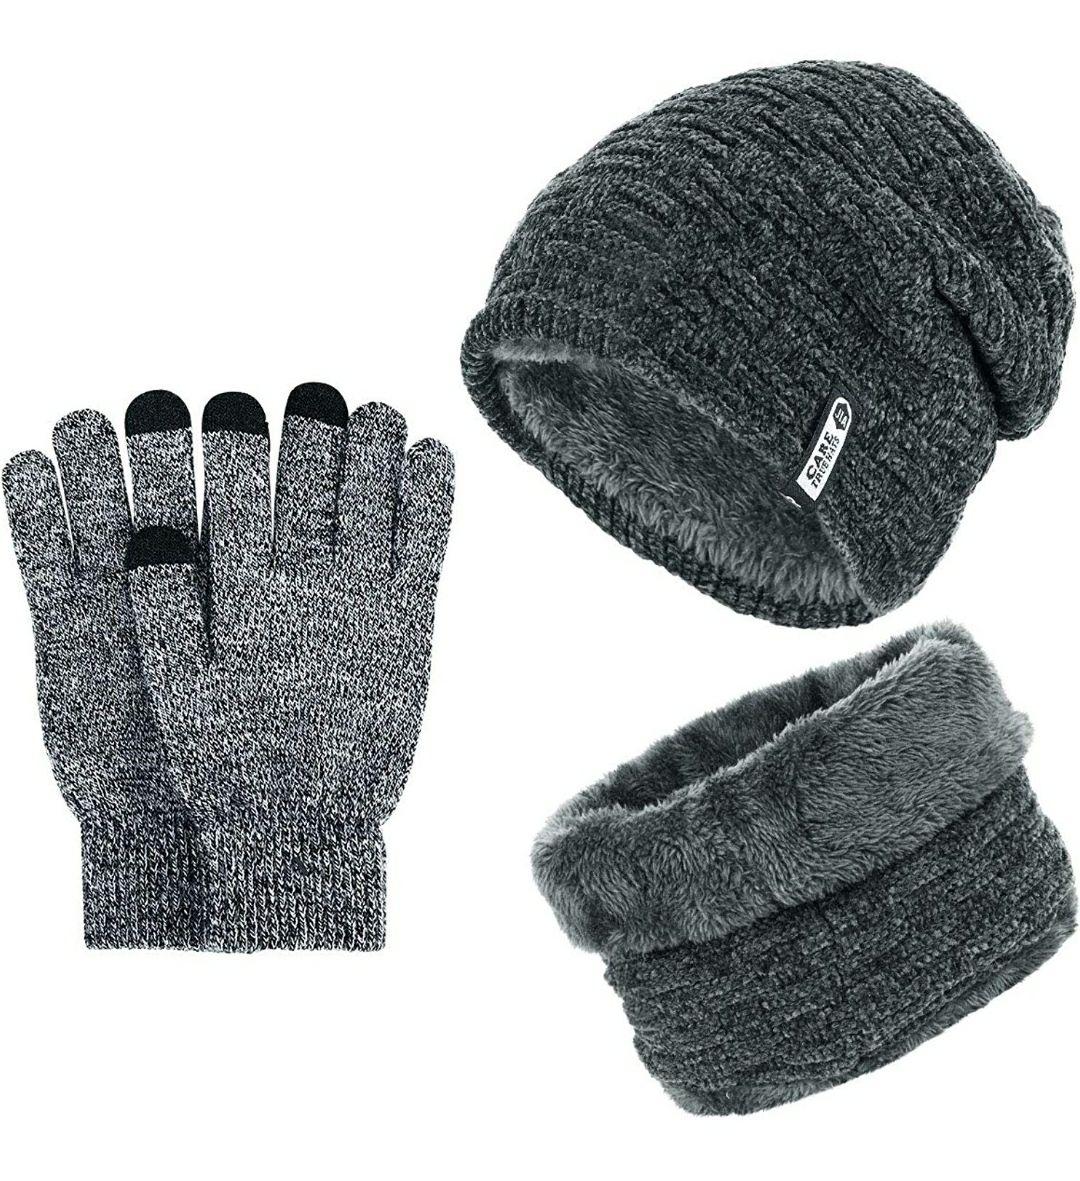 Conjunto de lanade gorro, bufanda y guantes